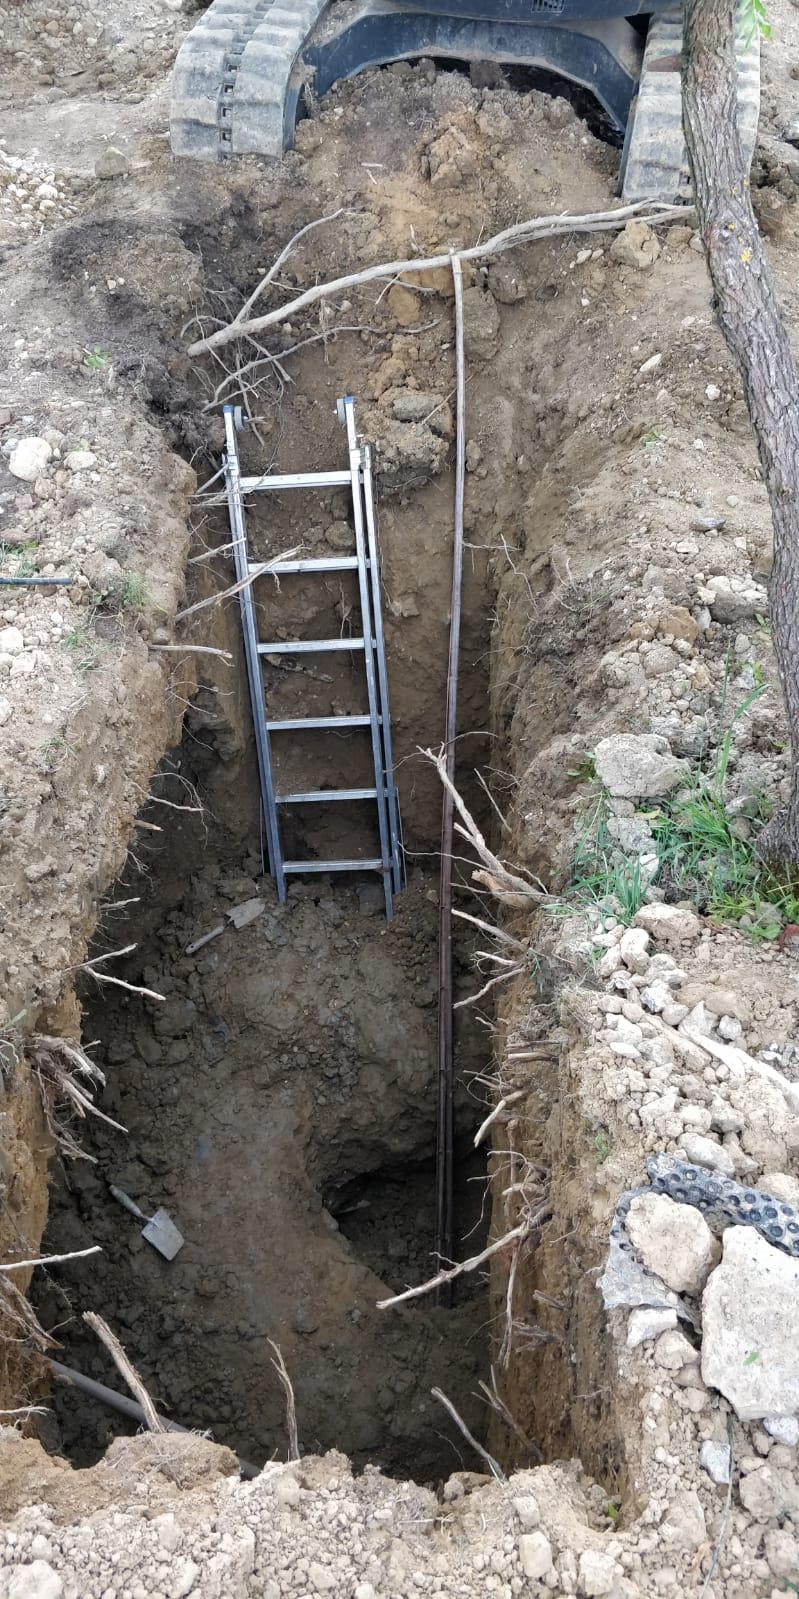 Incidente sul lavoro: scava con le mani e salva operaio sepolto